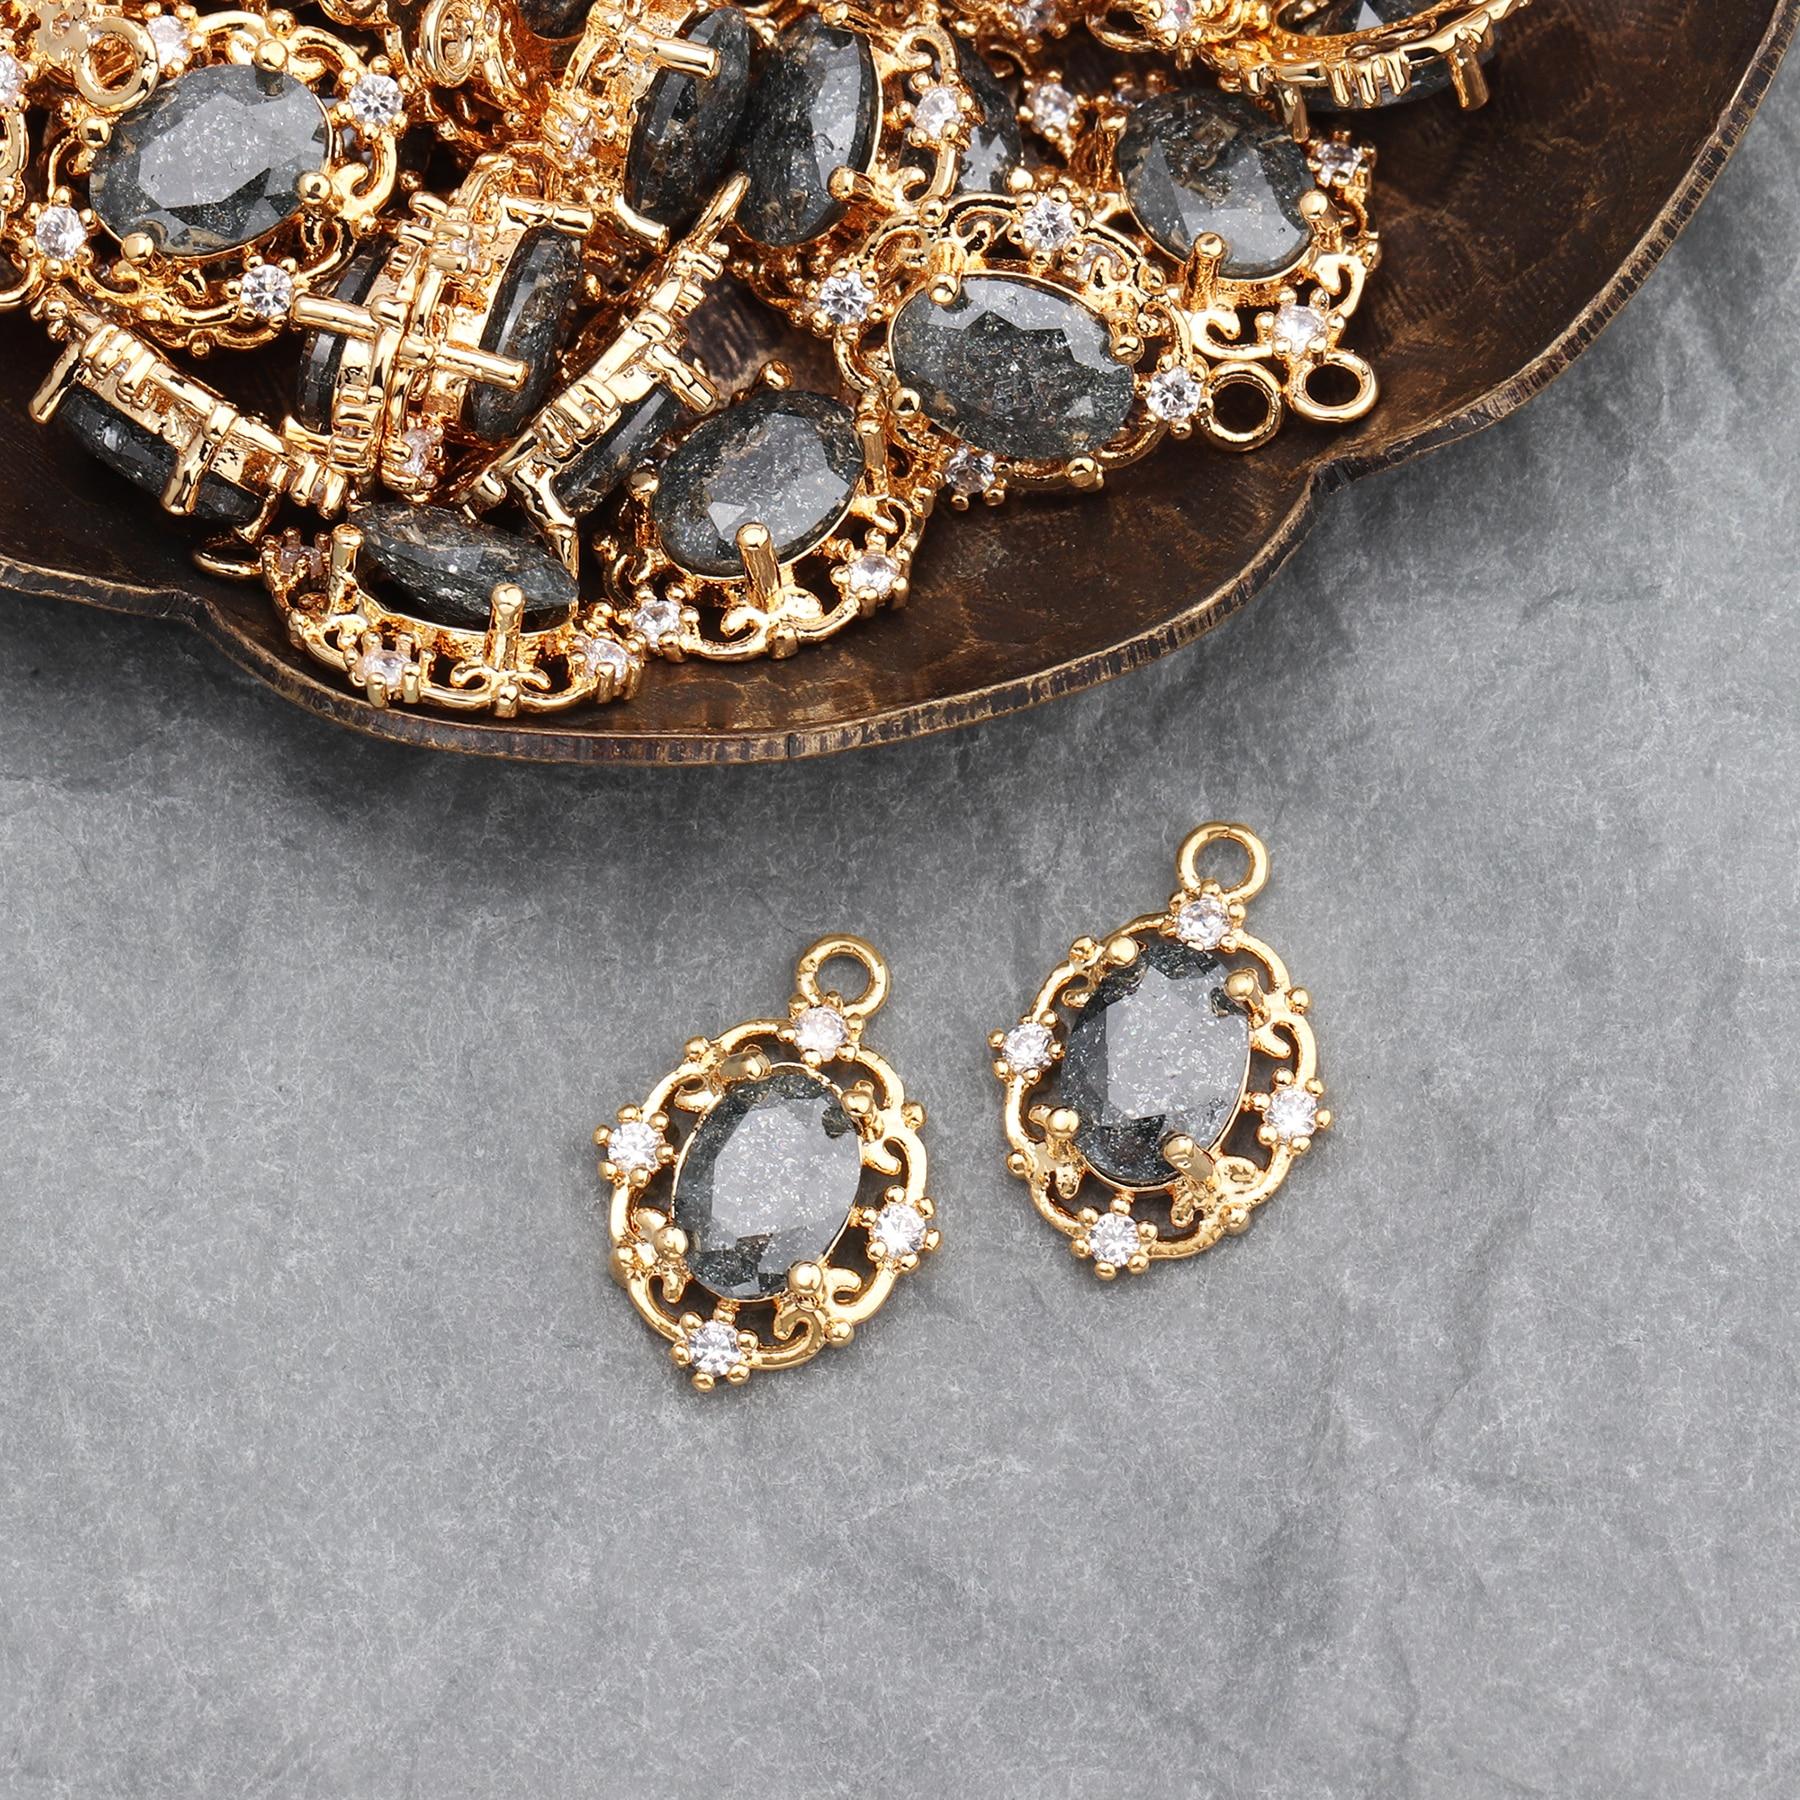 Assoonas M589, циркониевый кристалл, 18K золото, ювелирные аксессуары, изготовление ювелирных изделий, ручная работа, поиск ювелирных изделий, diy серьги кулон, 6 шт./лот